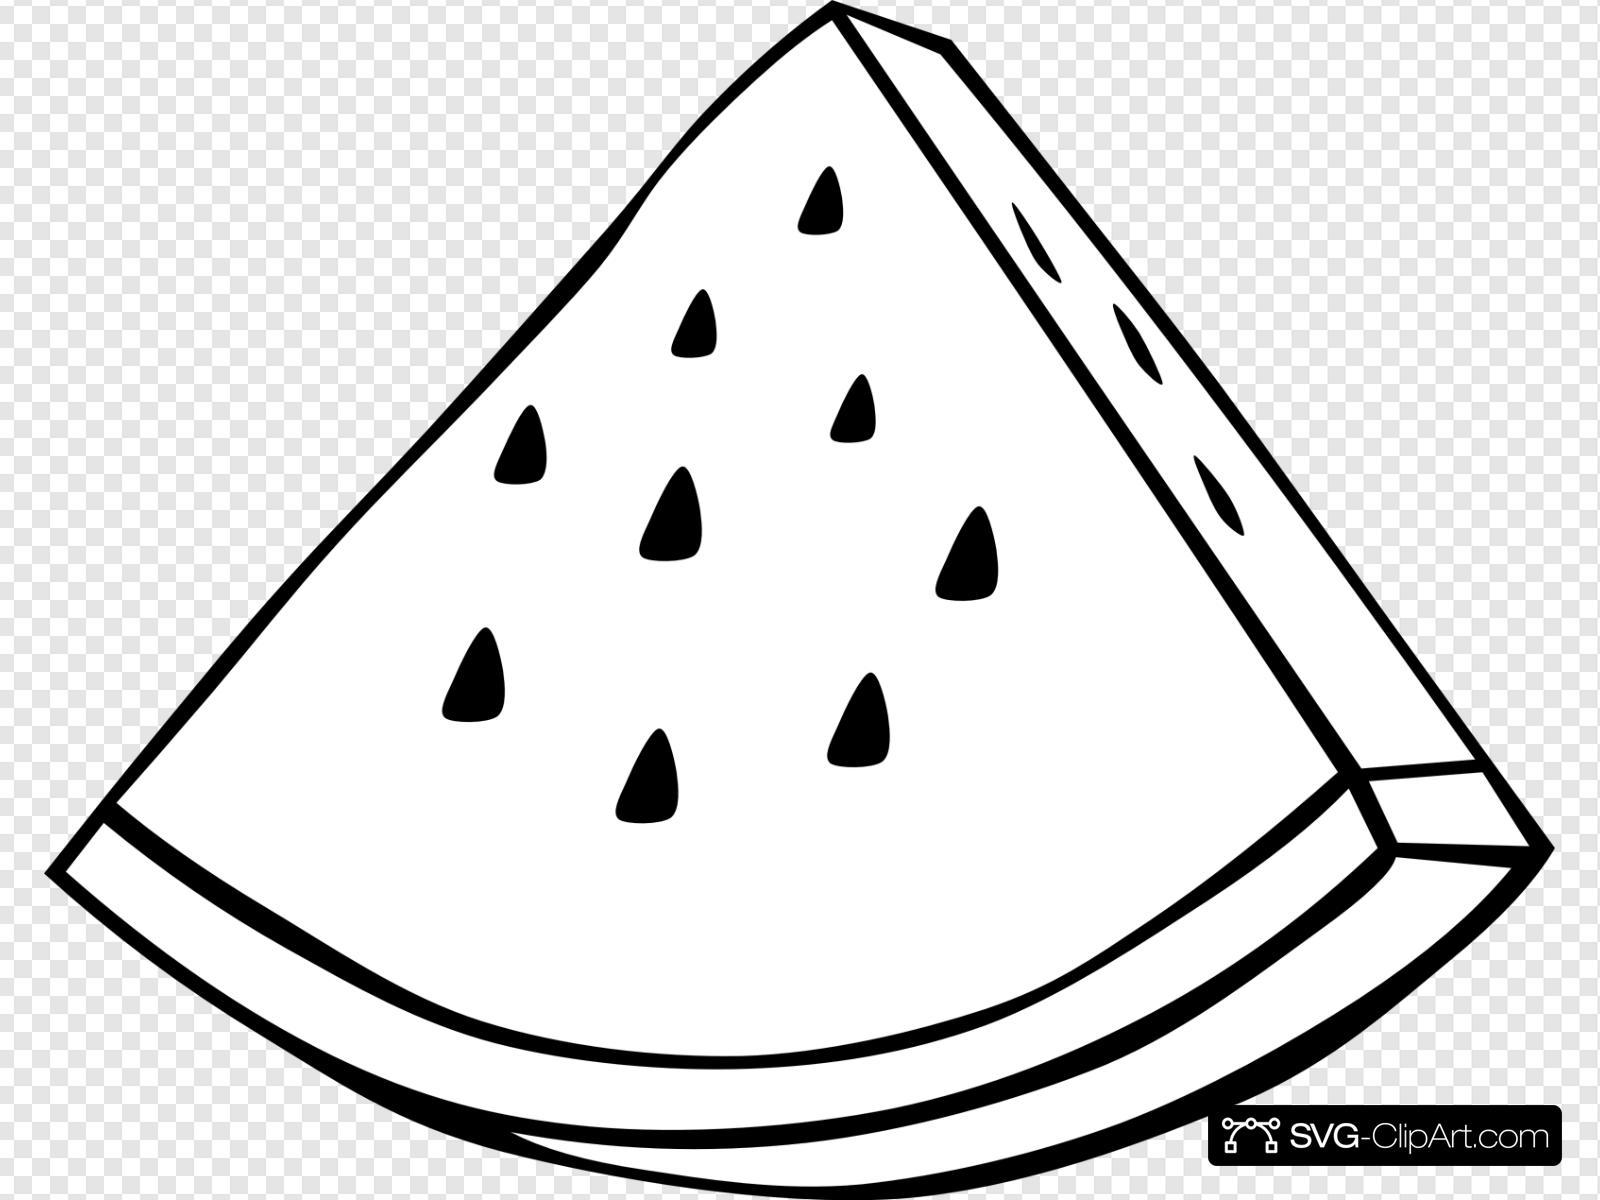 Watermelon clipart svg. Melon outline clip art